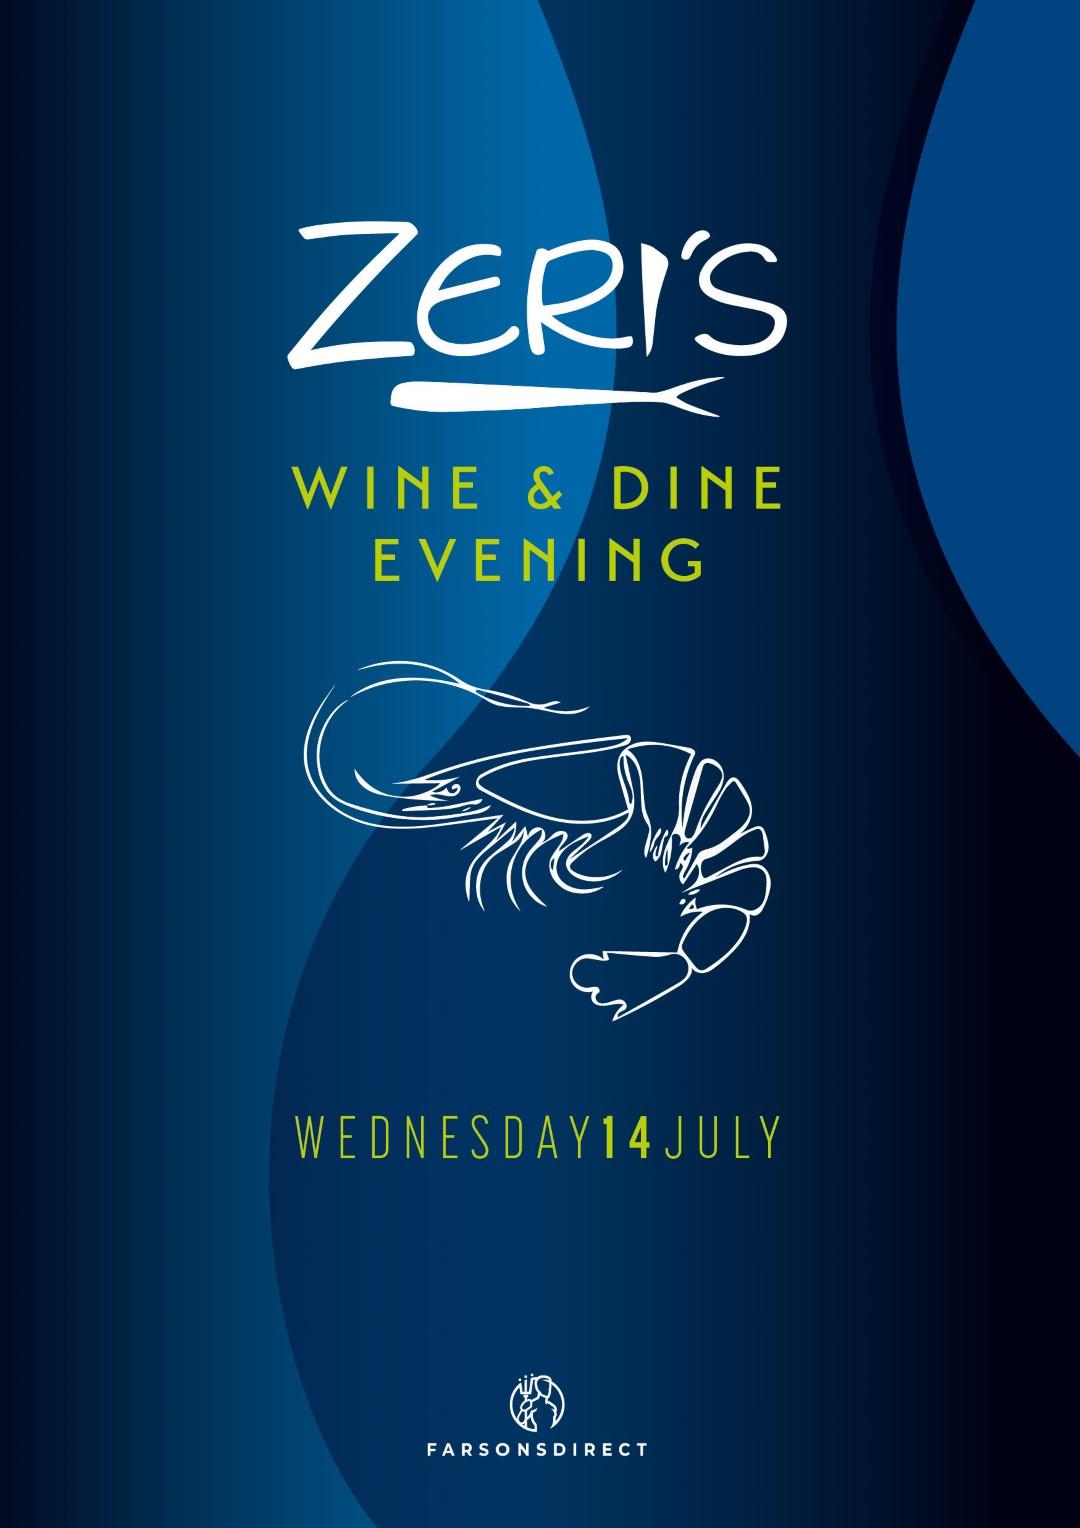 Wine and Dine Zeris